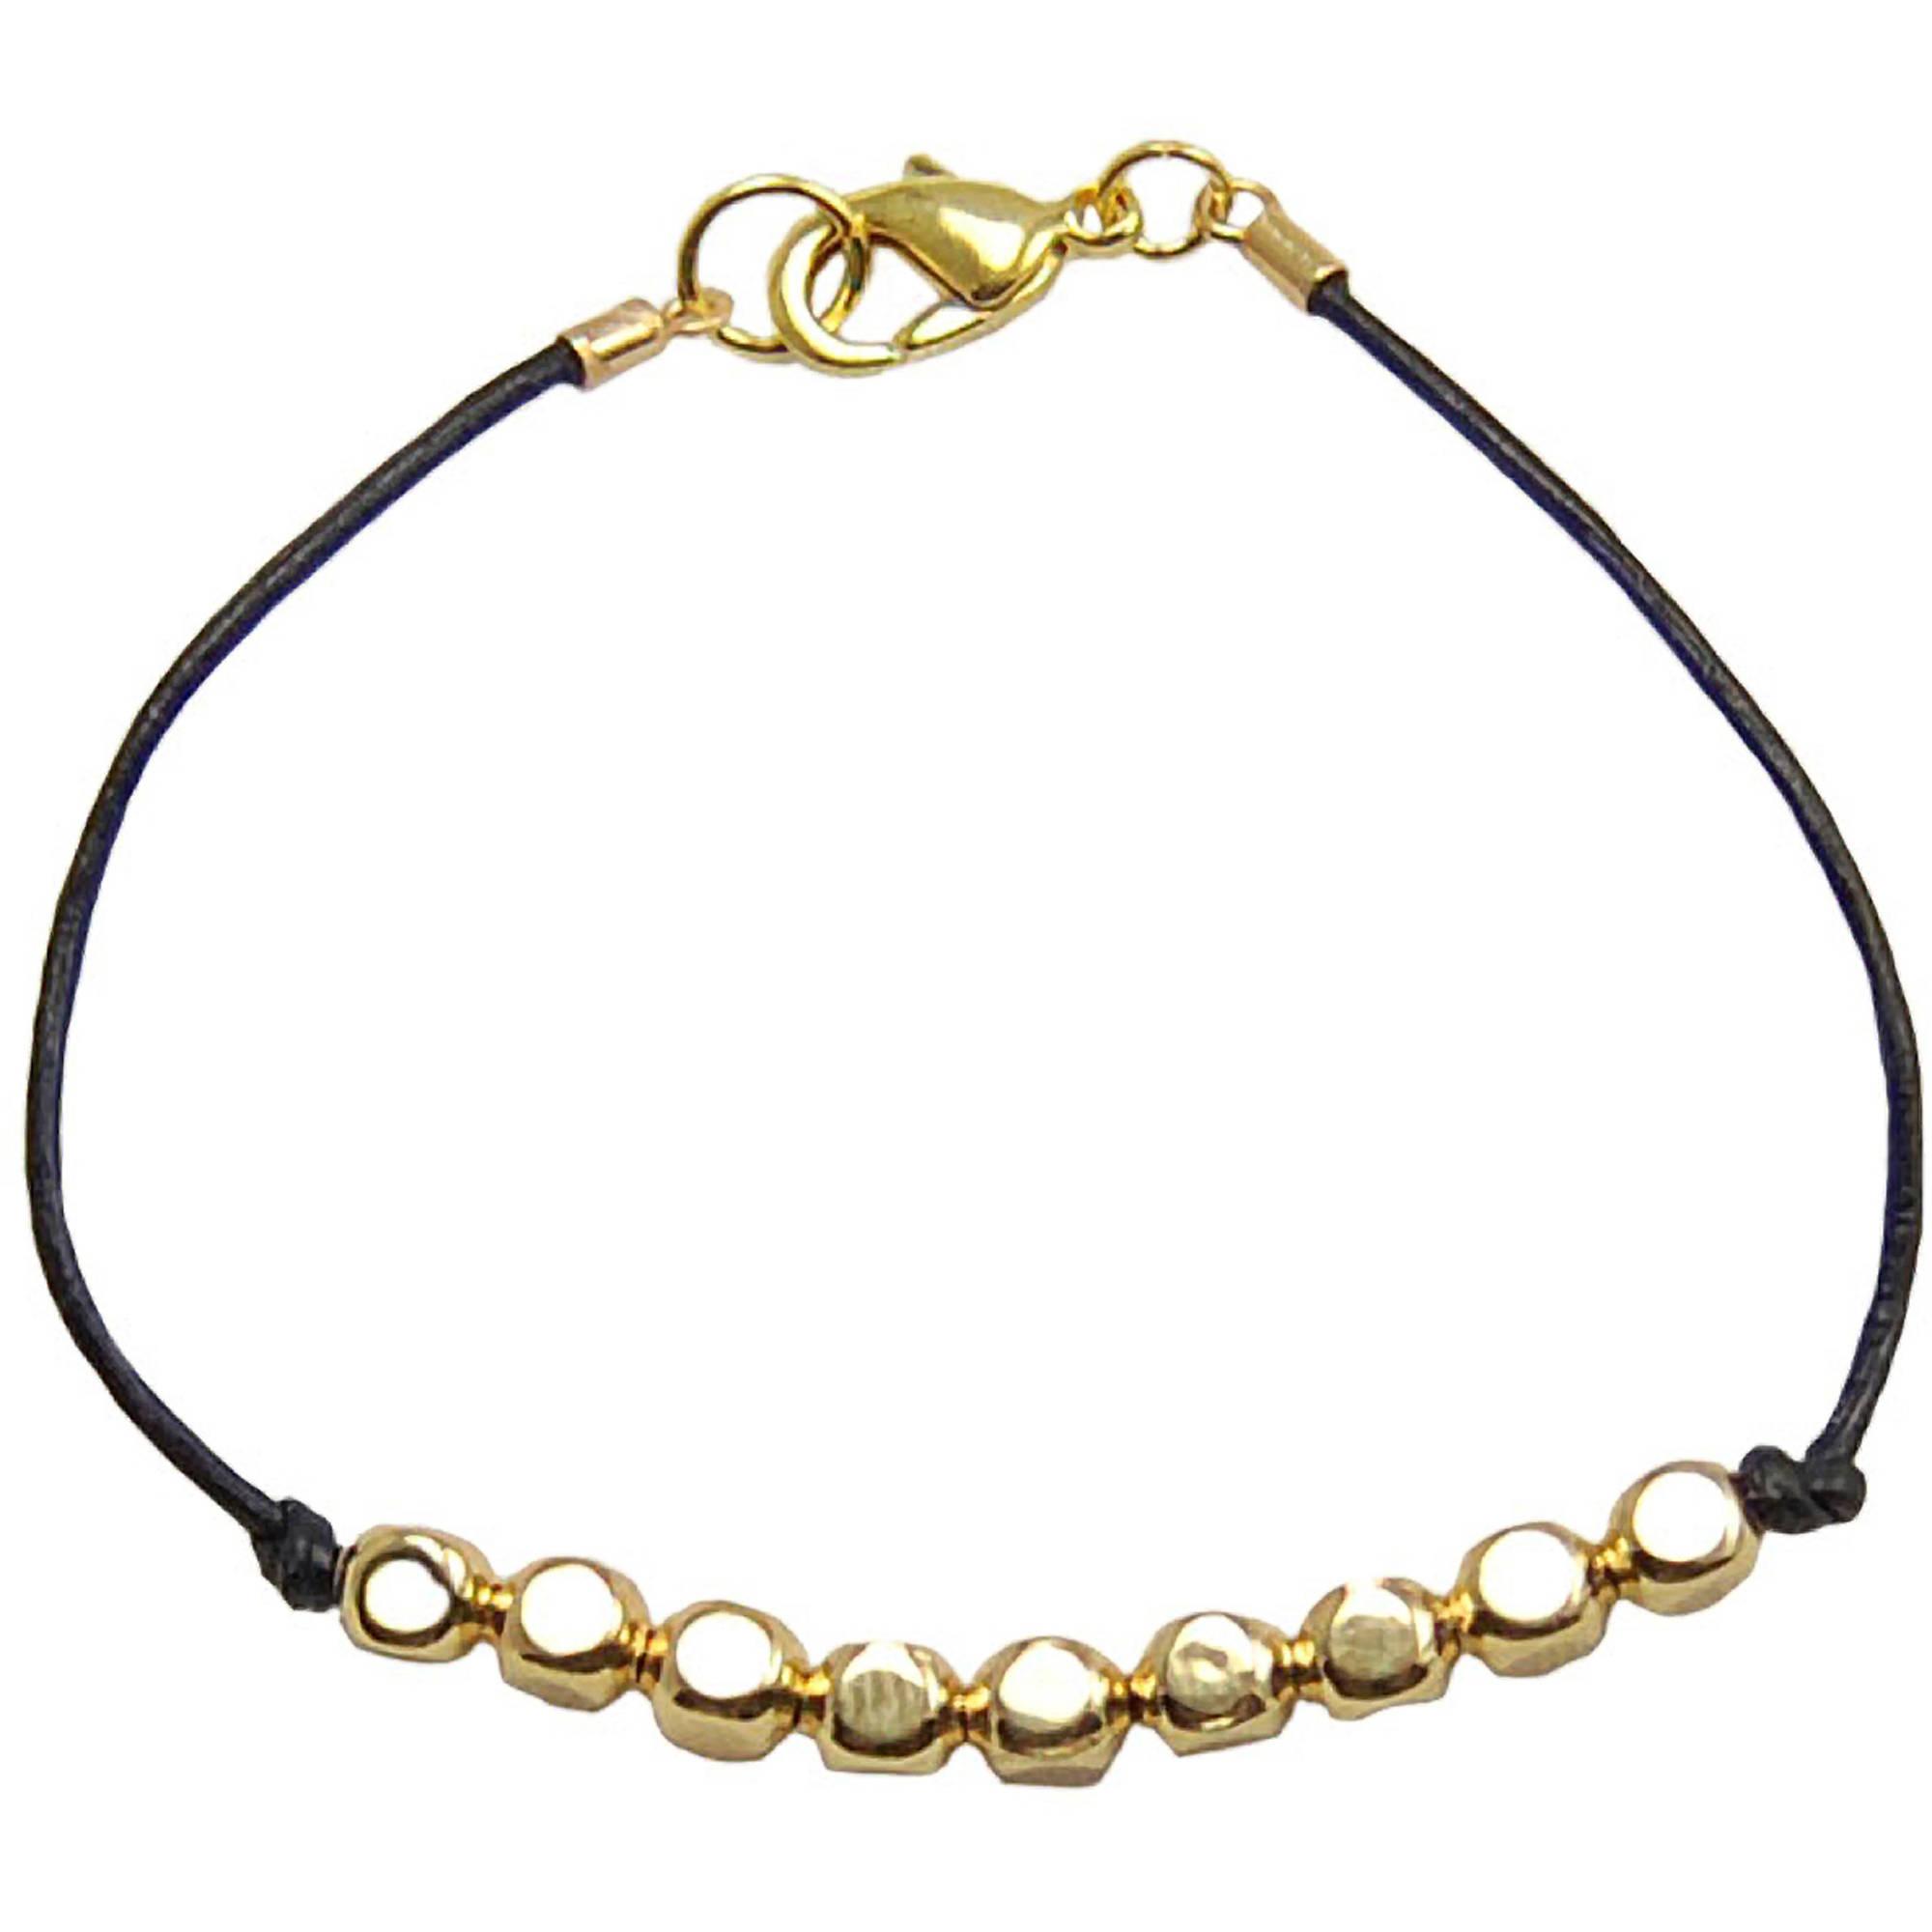 Miss Zoe by Calinana Dot Leather Bracelet, Black/Gold